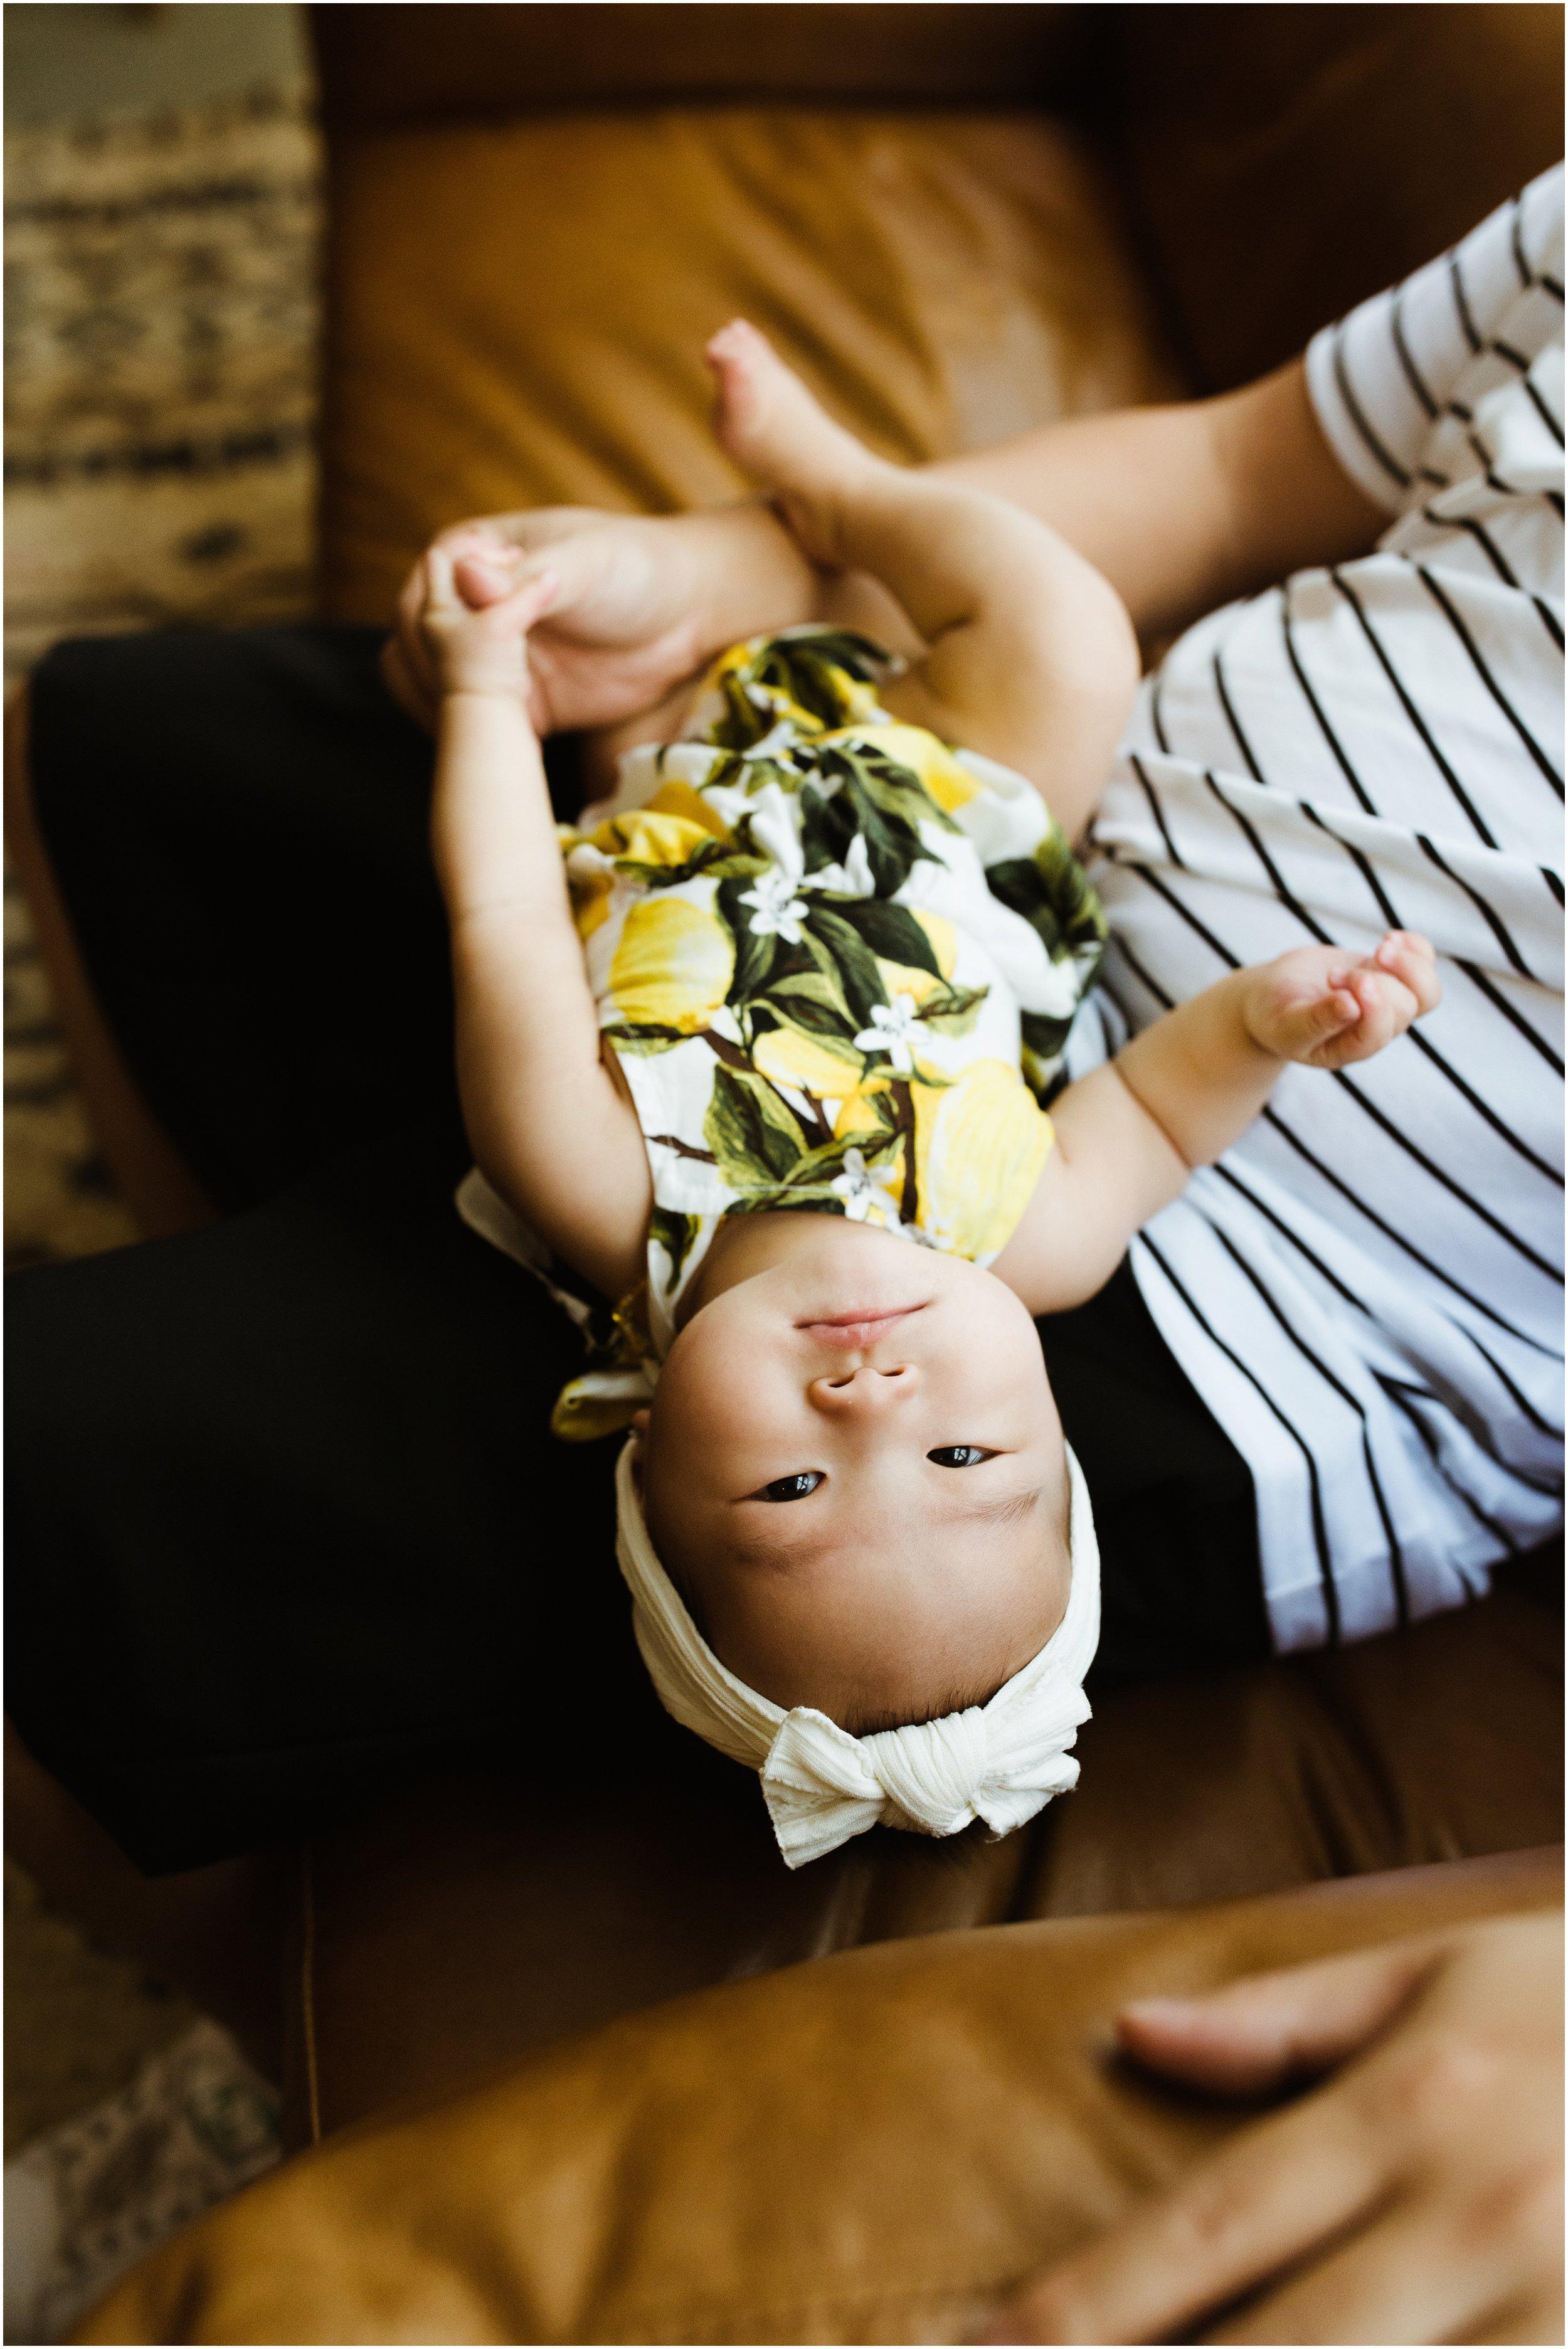 Nori-Catahoula-Hotel-2017-6-Months-Family-7904_quaint-and-whim-lifestyle-newborn-photographer-louisiana.jpg